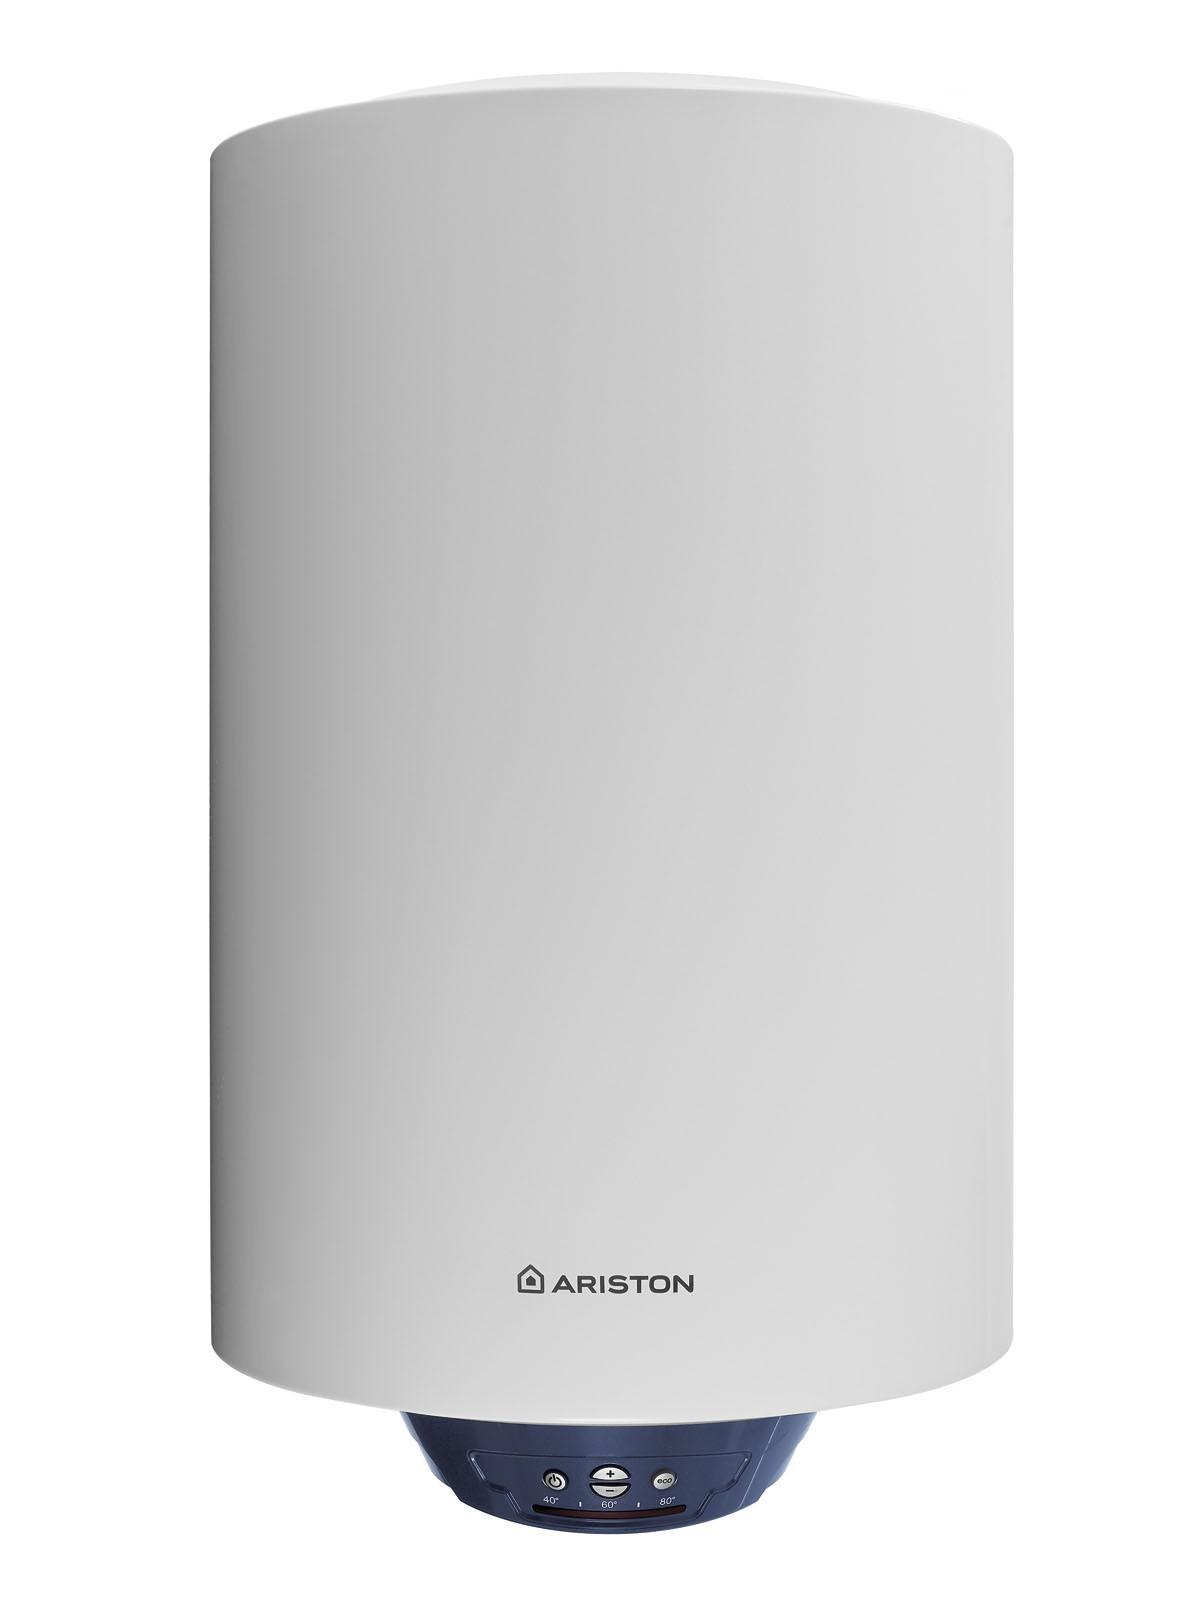 Termo electrico ariston aire acondicionado madrid - Termo electrico 50 l ...